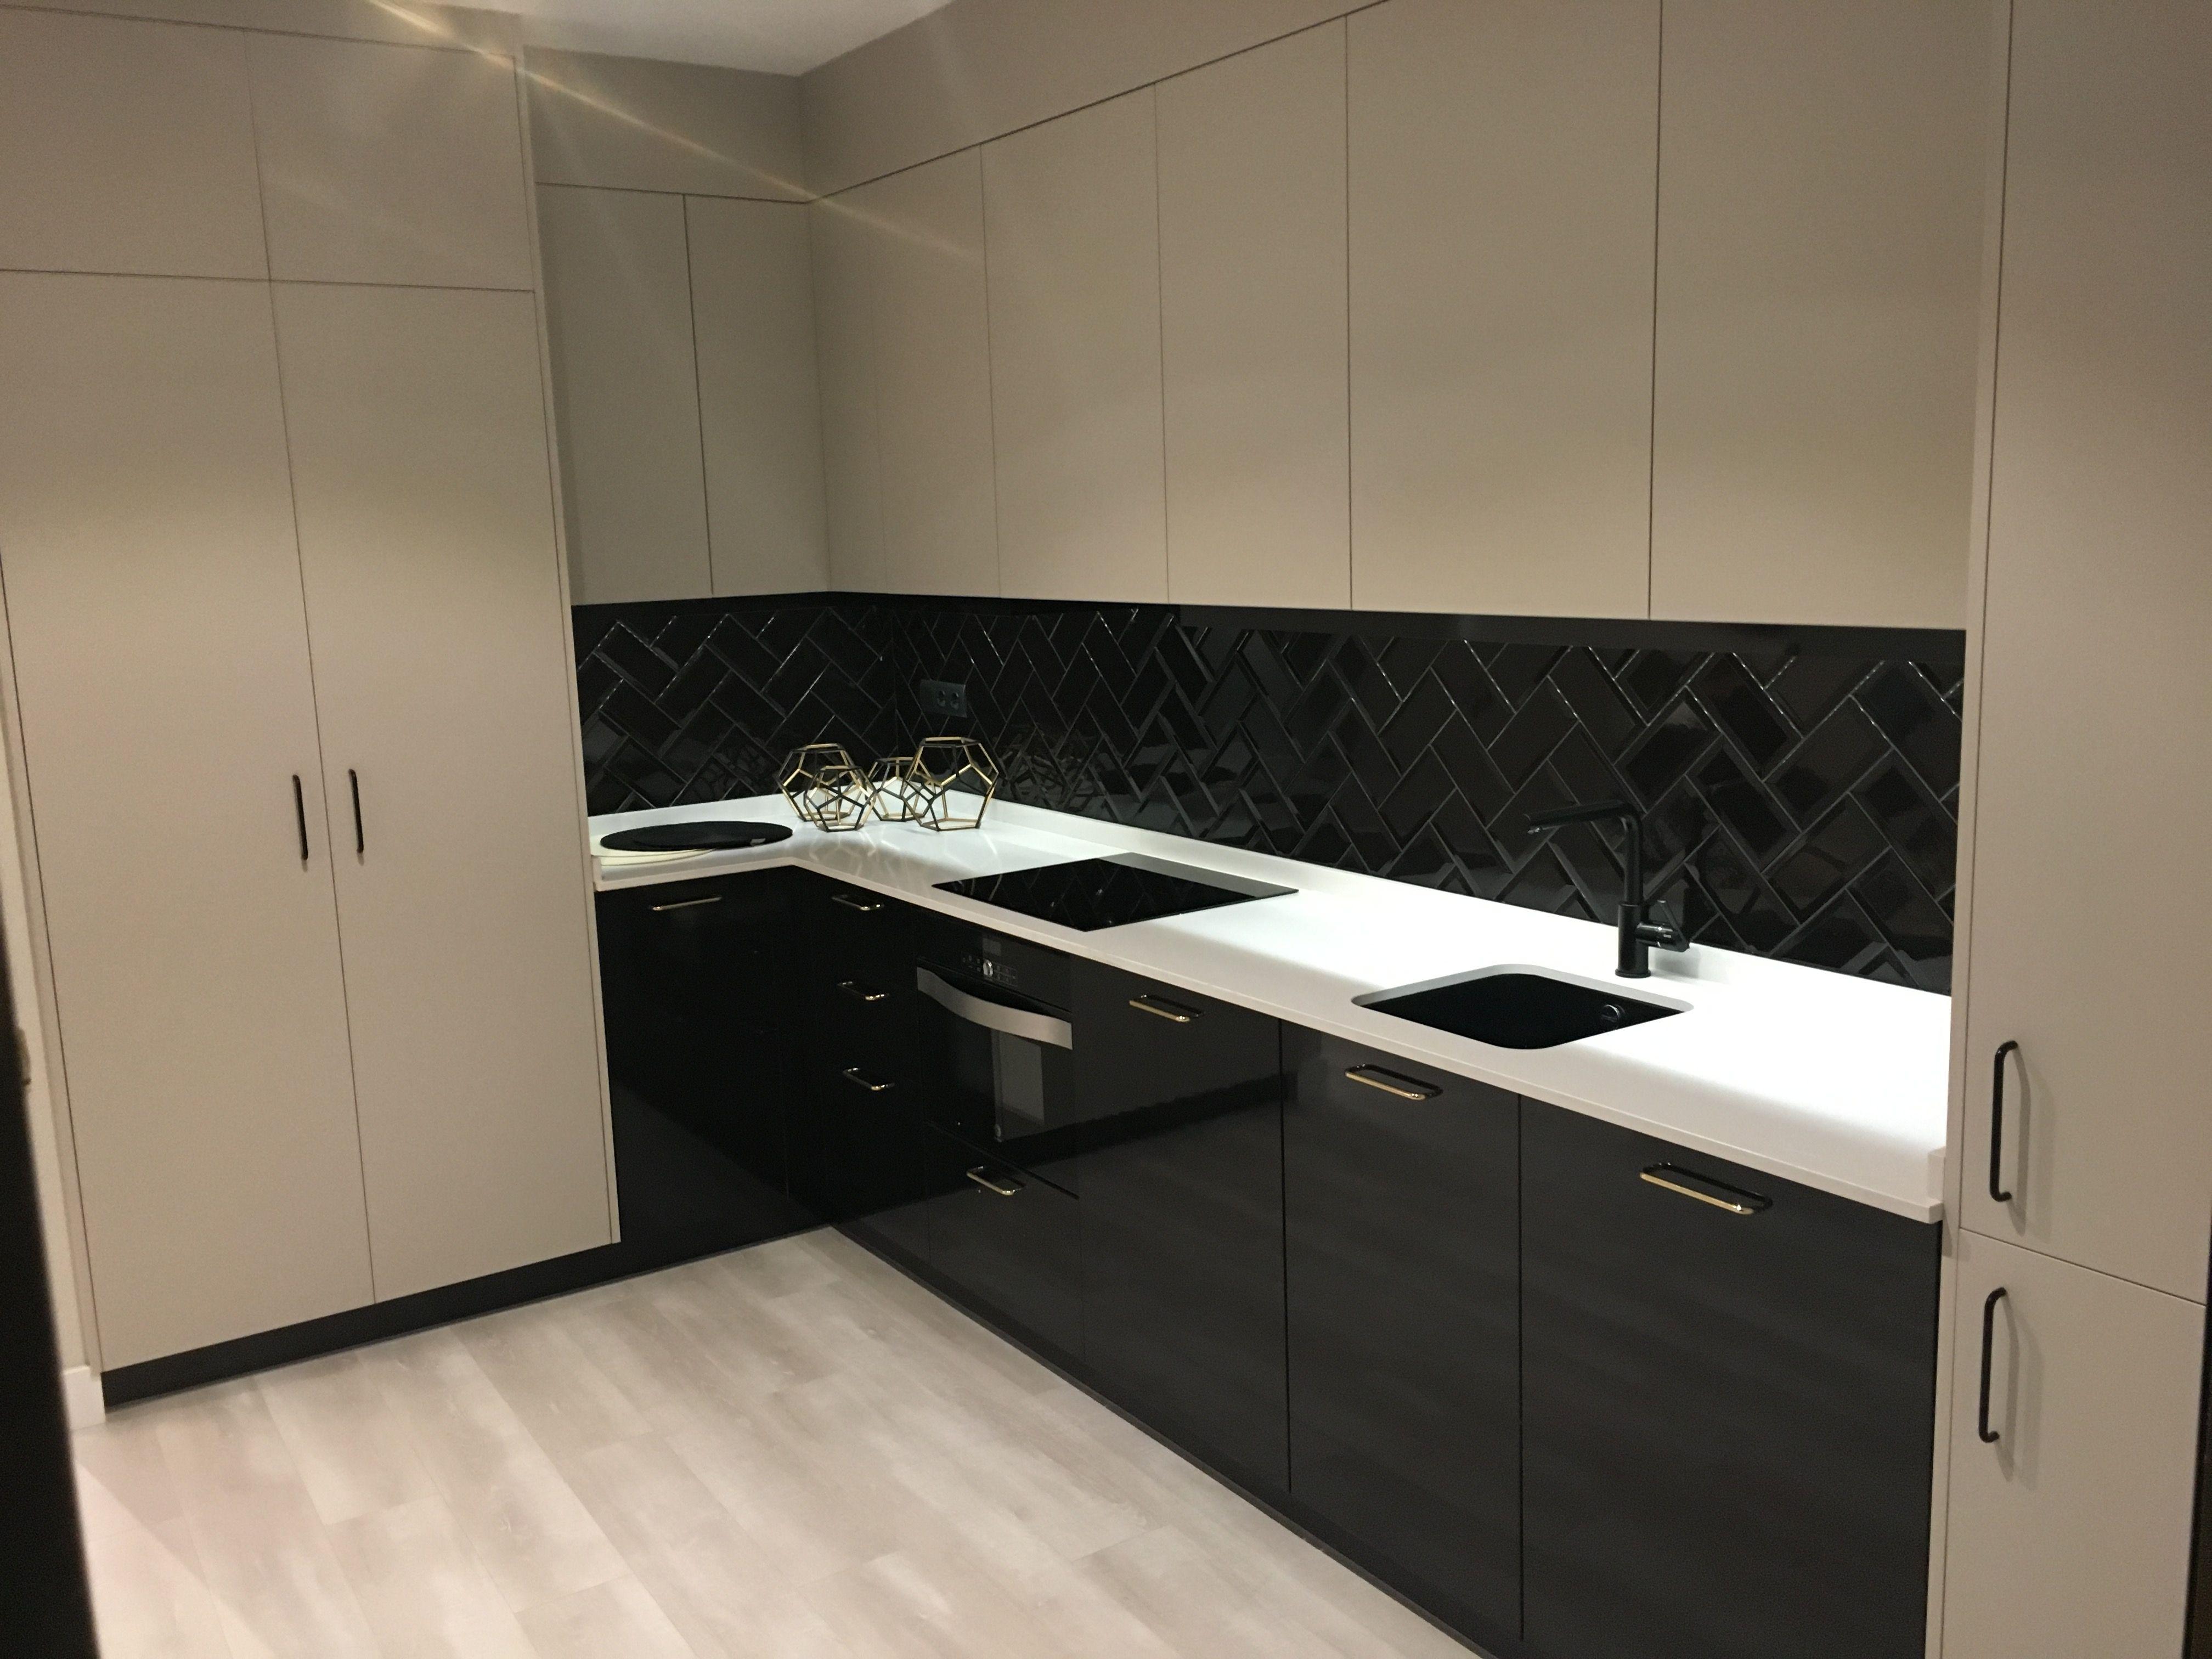 Cocina en apartamento de madrid muebles en cachemir seda for Encimera de cocina lacada en blanco negro